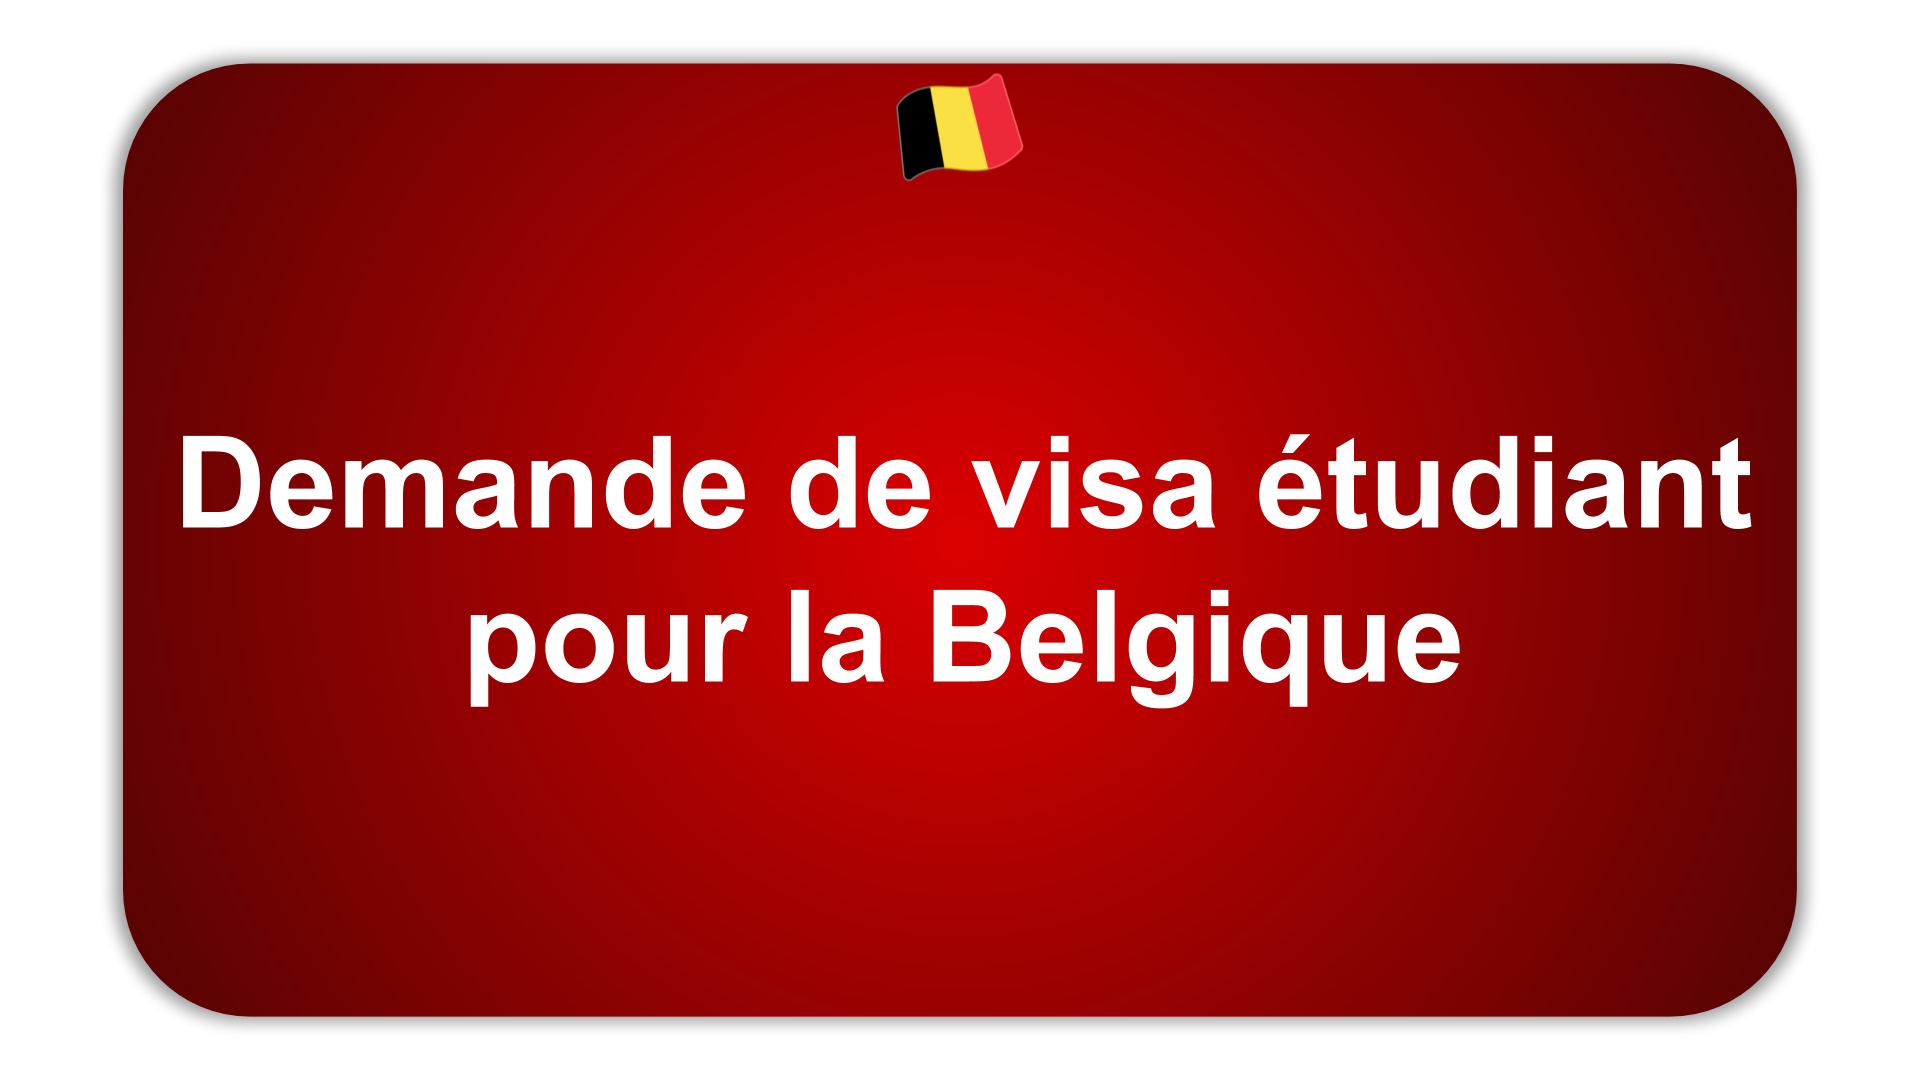 Demande de visa pour la Belgique